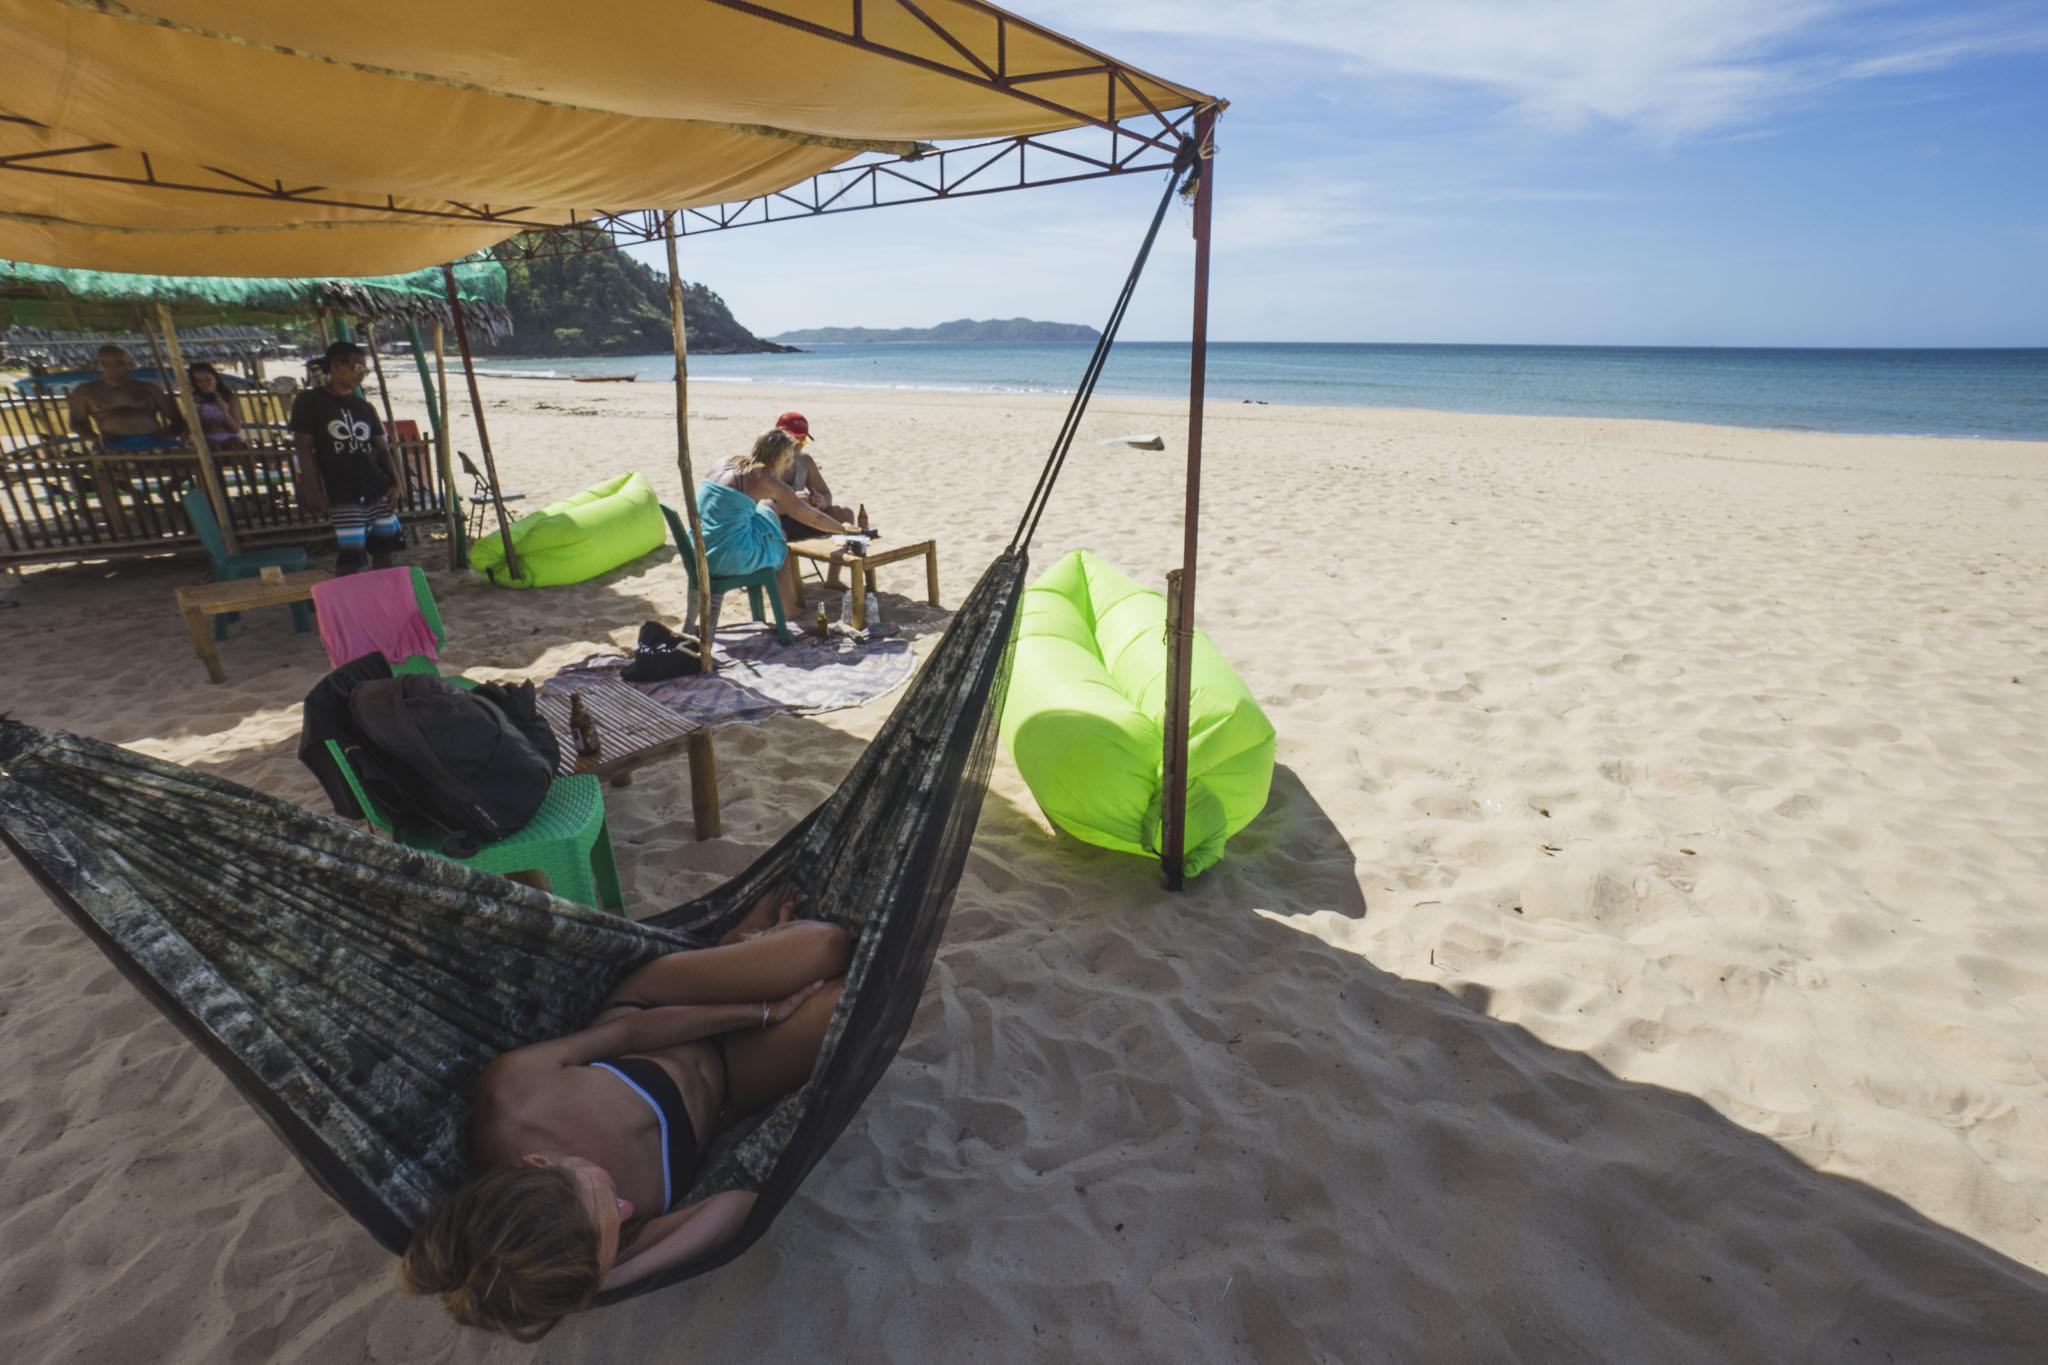 Duli Beach, El Nido, Palawan